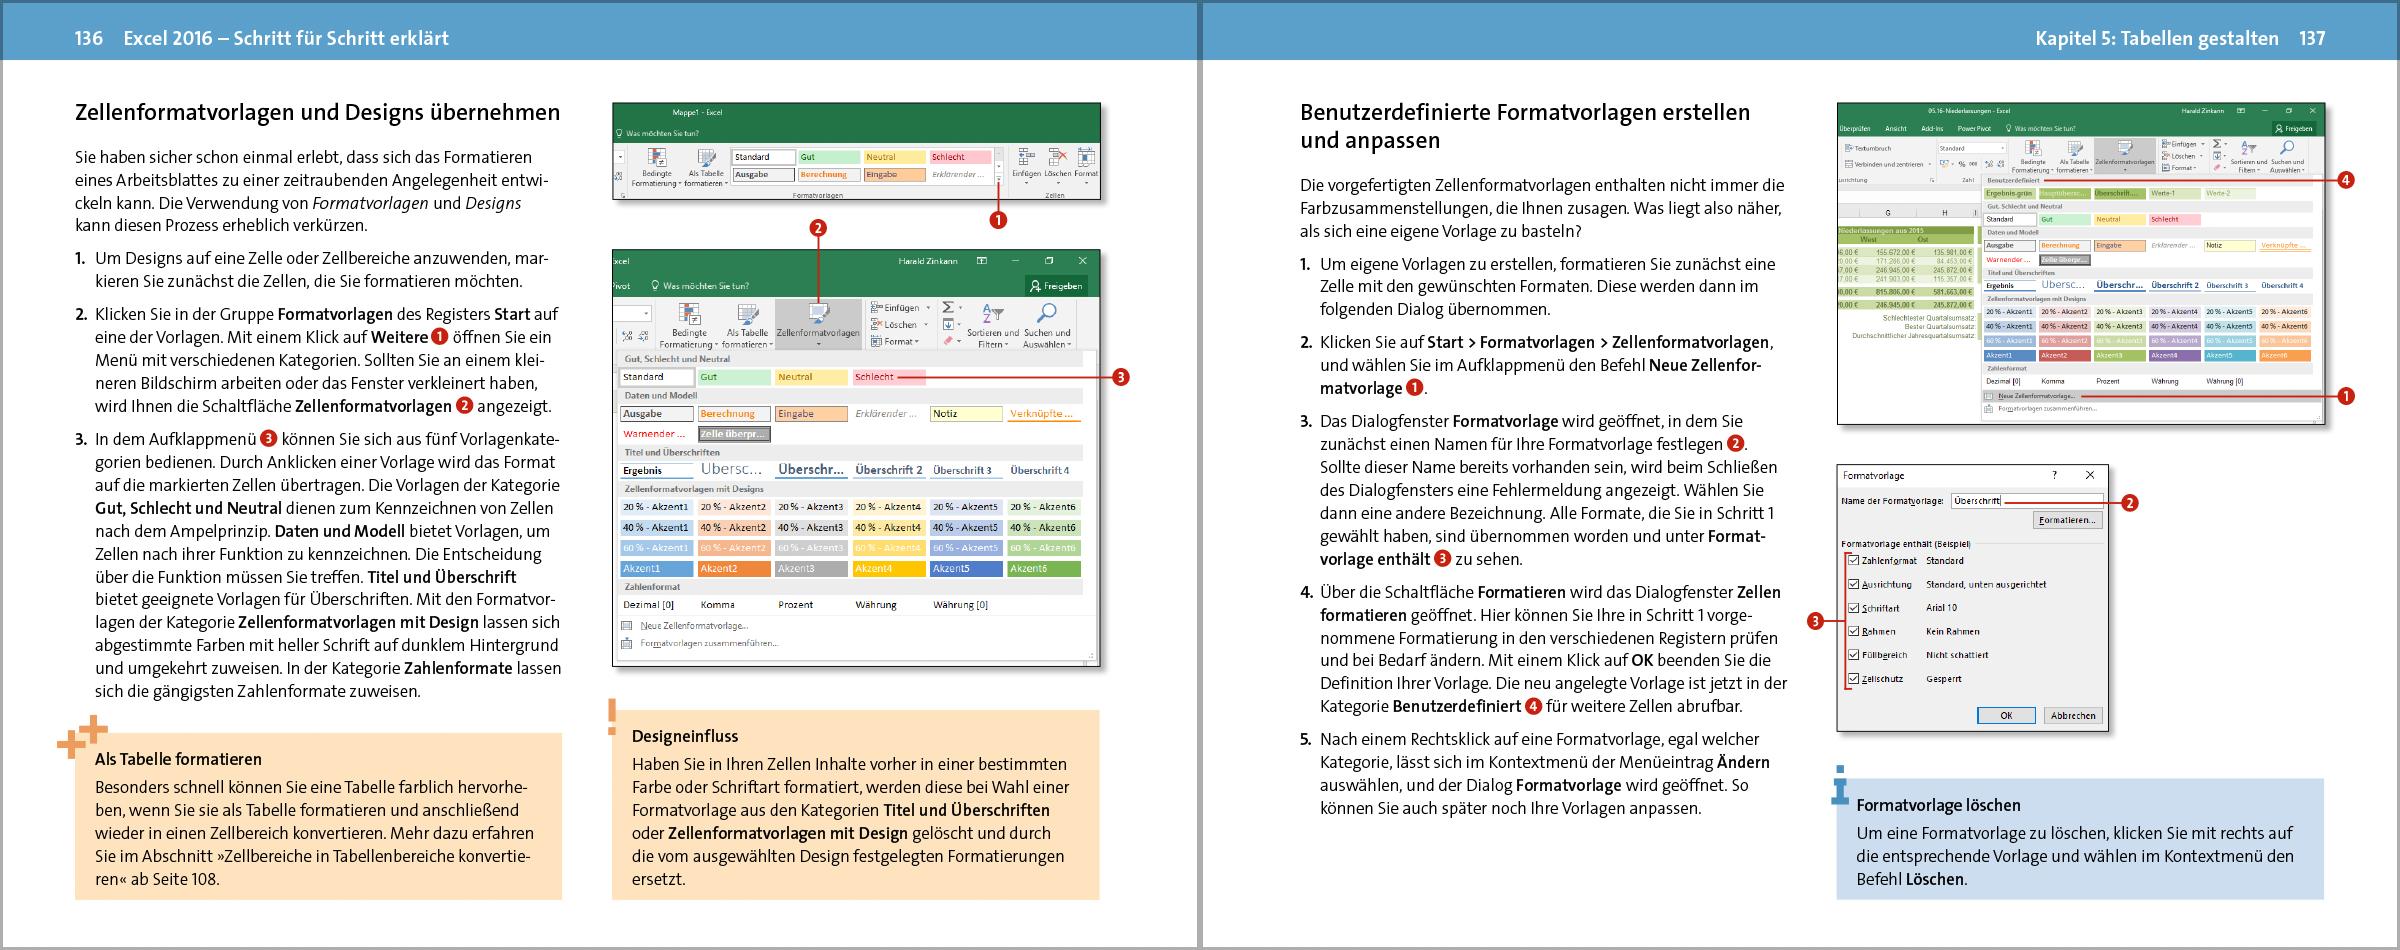 Excel 2016 Schritt Für Schritt Erklärt Vierfarben